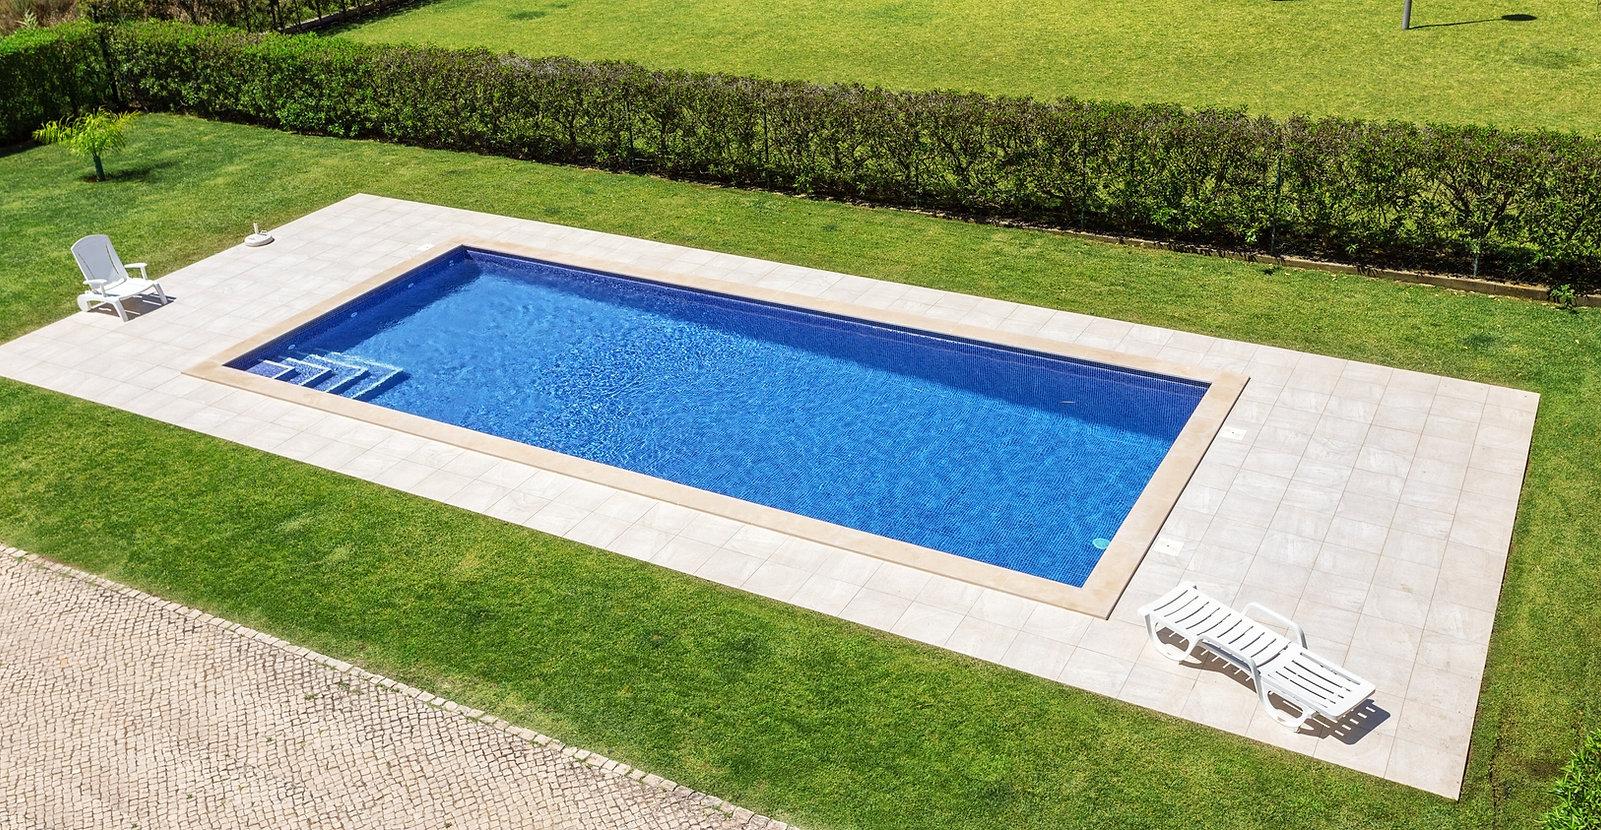 lovely-pool-in-the-garden-in-park.jpg